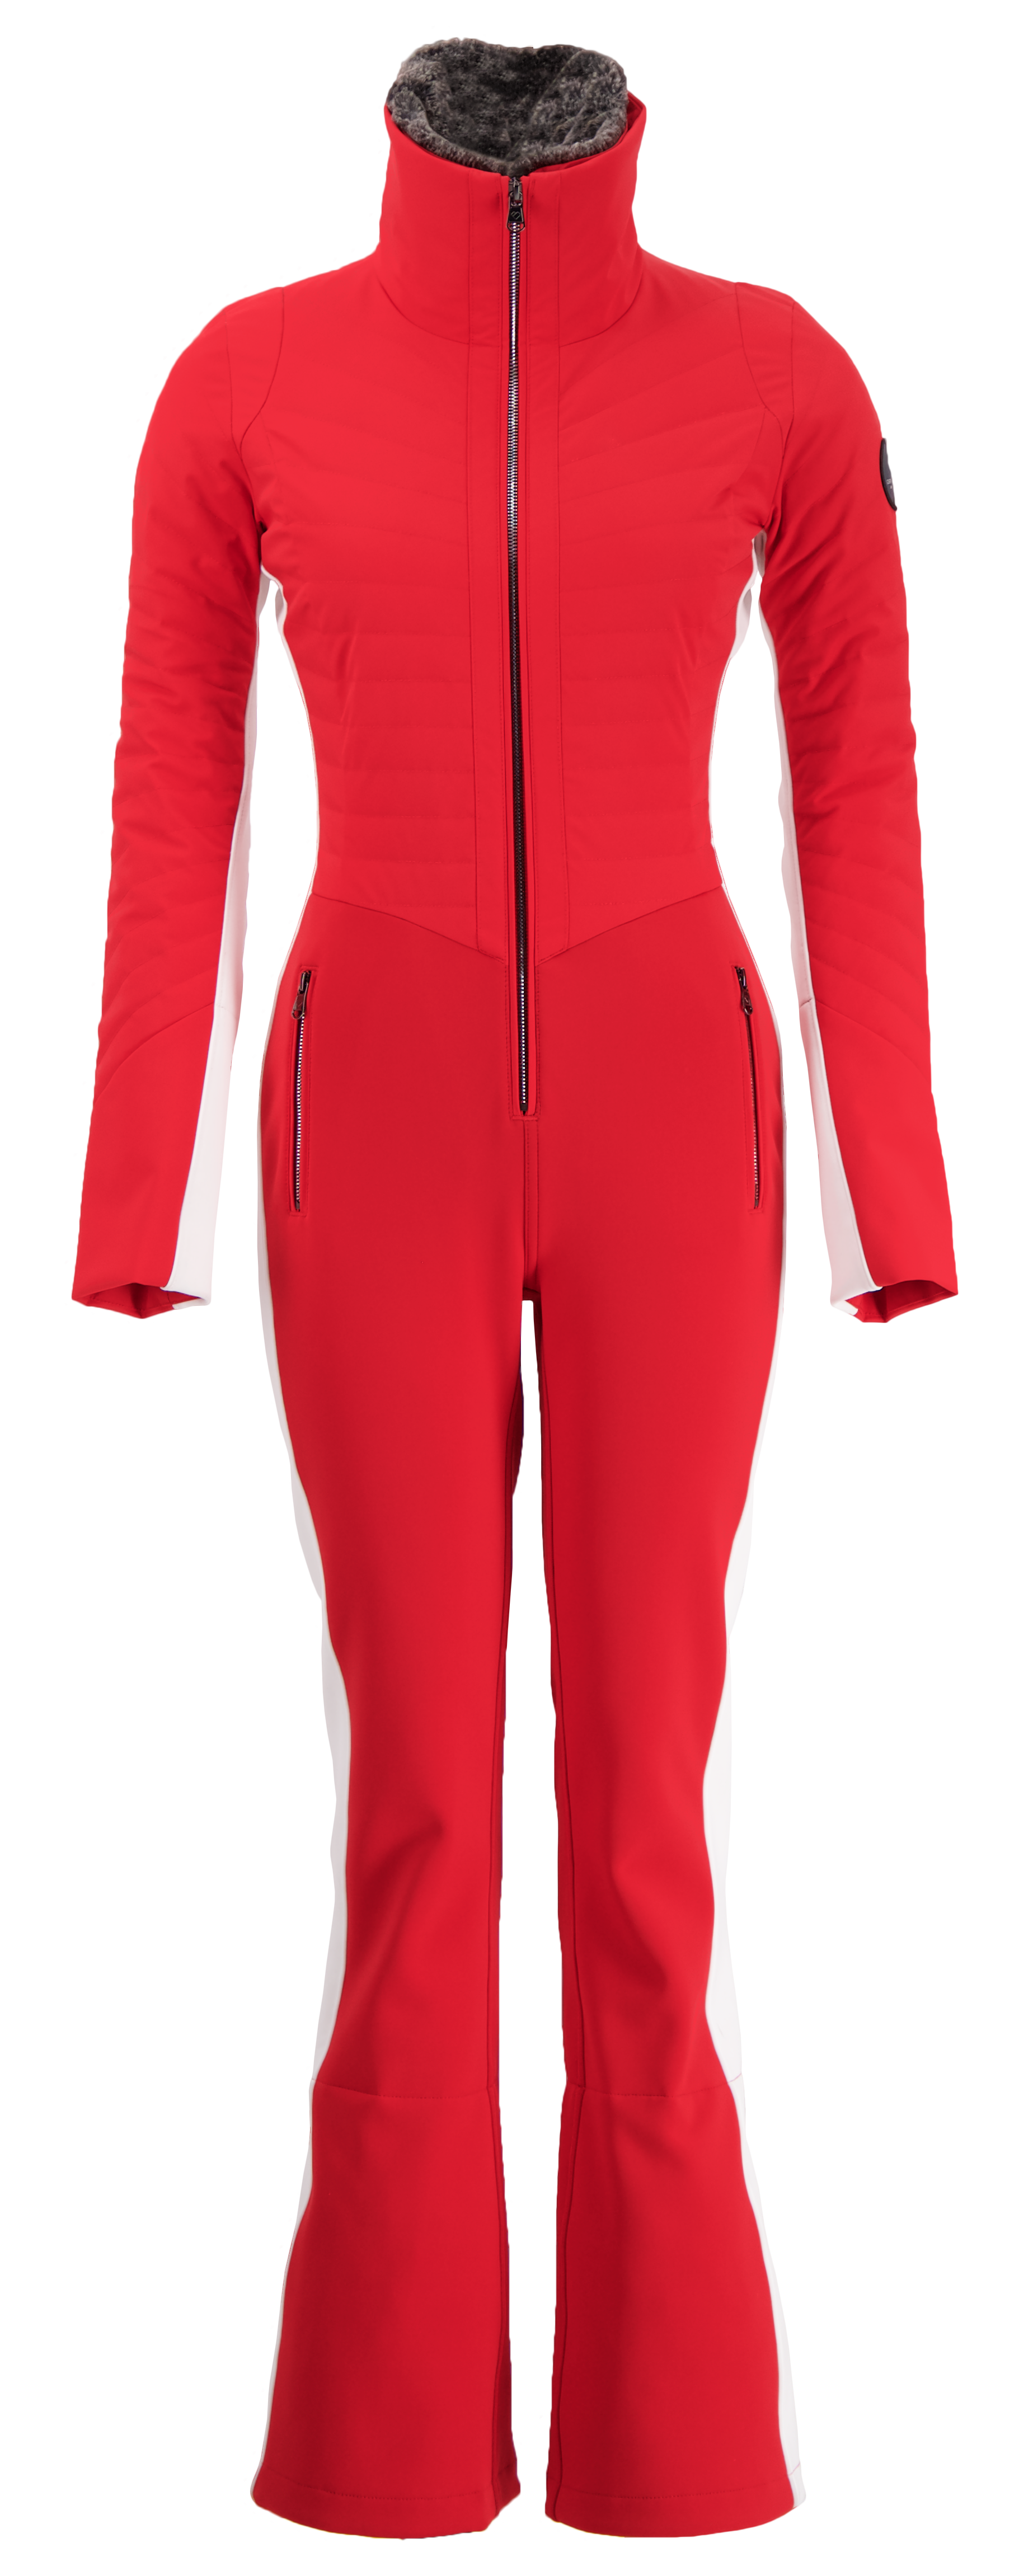 SKI-00201 OSP-002236 Fur Lined Coat for Women